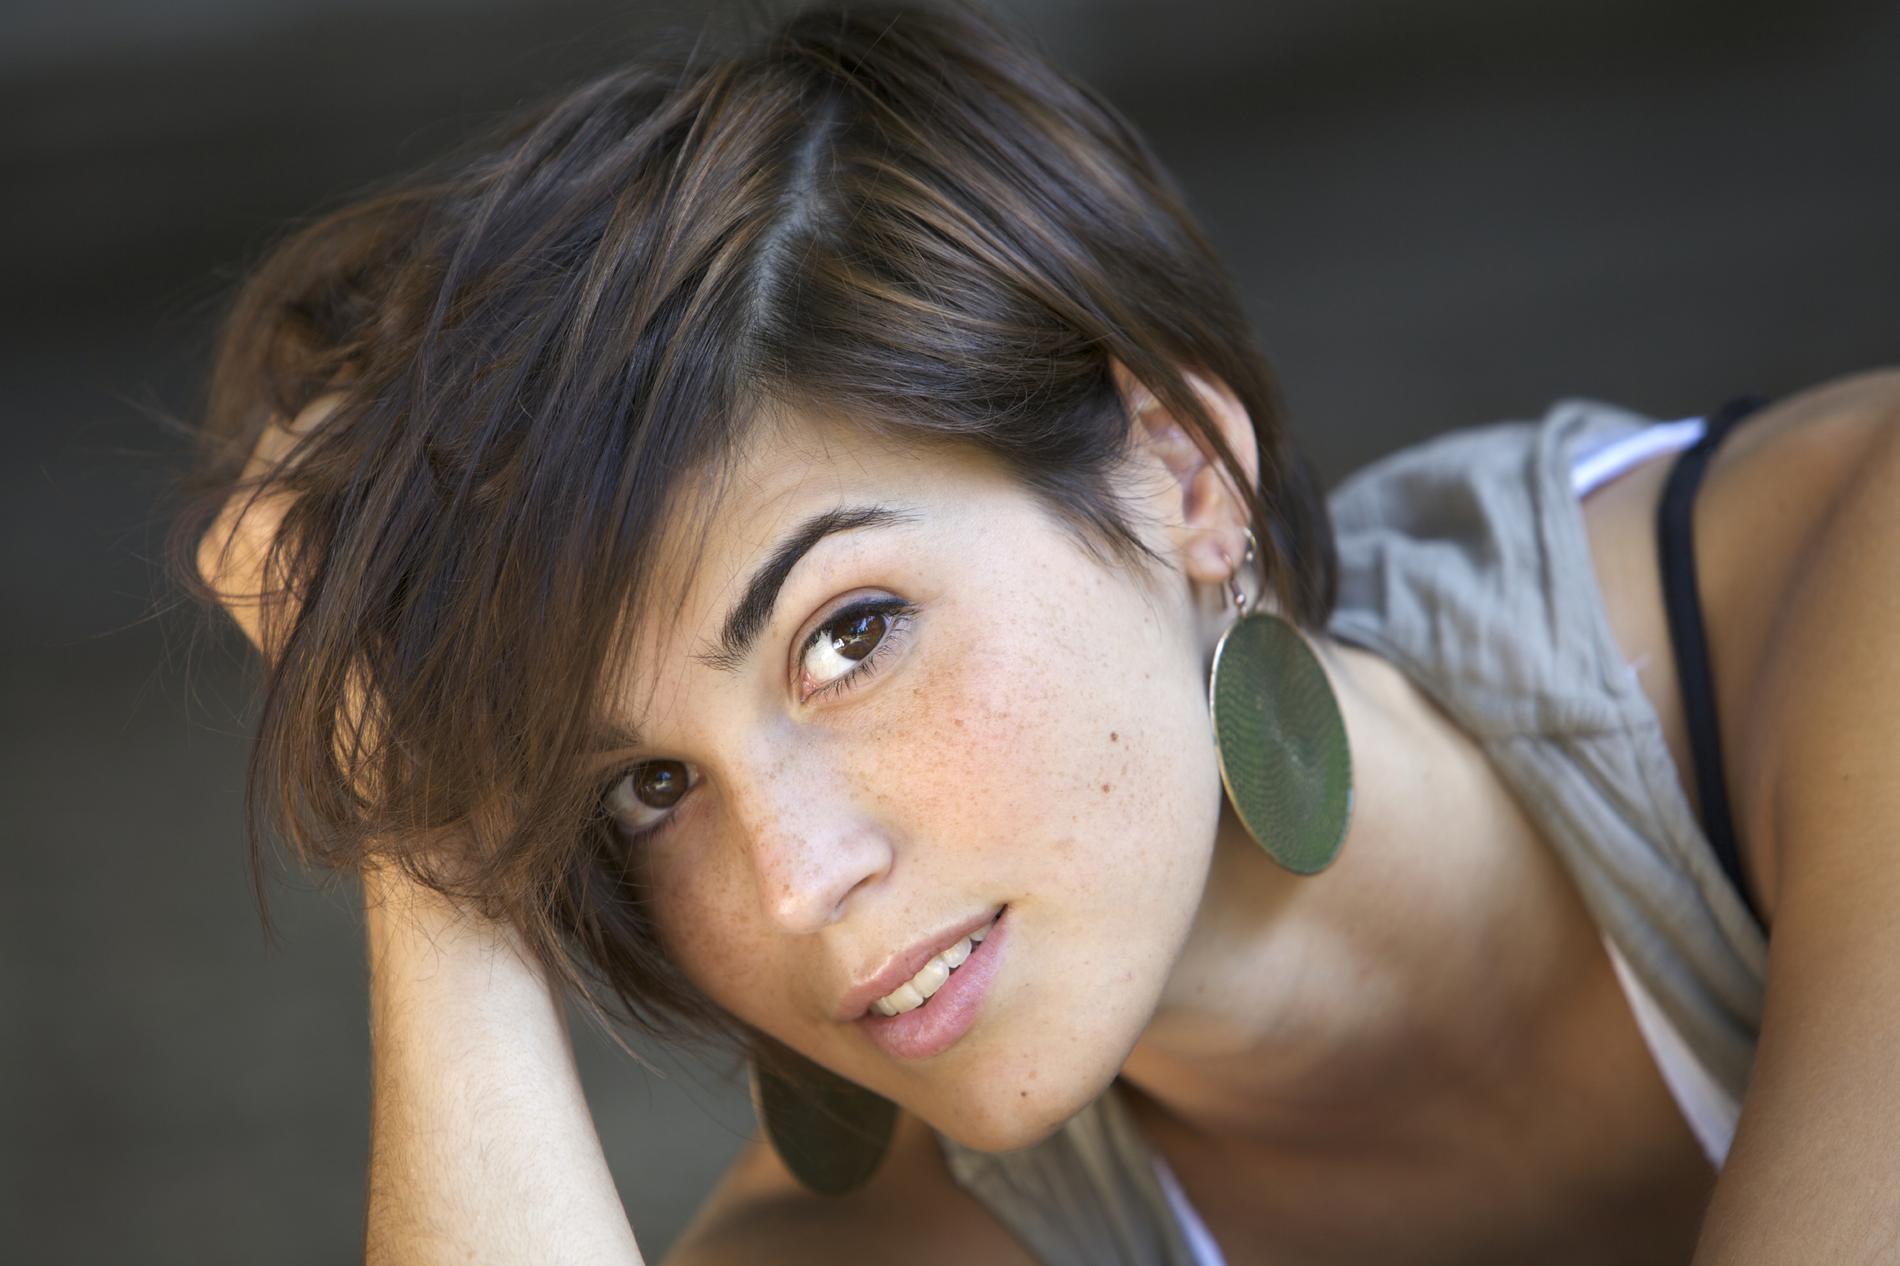 Comment Prendre Soin De Ses Cheveux Courts Au Quotidien Madame Figaro